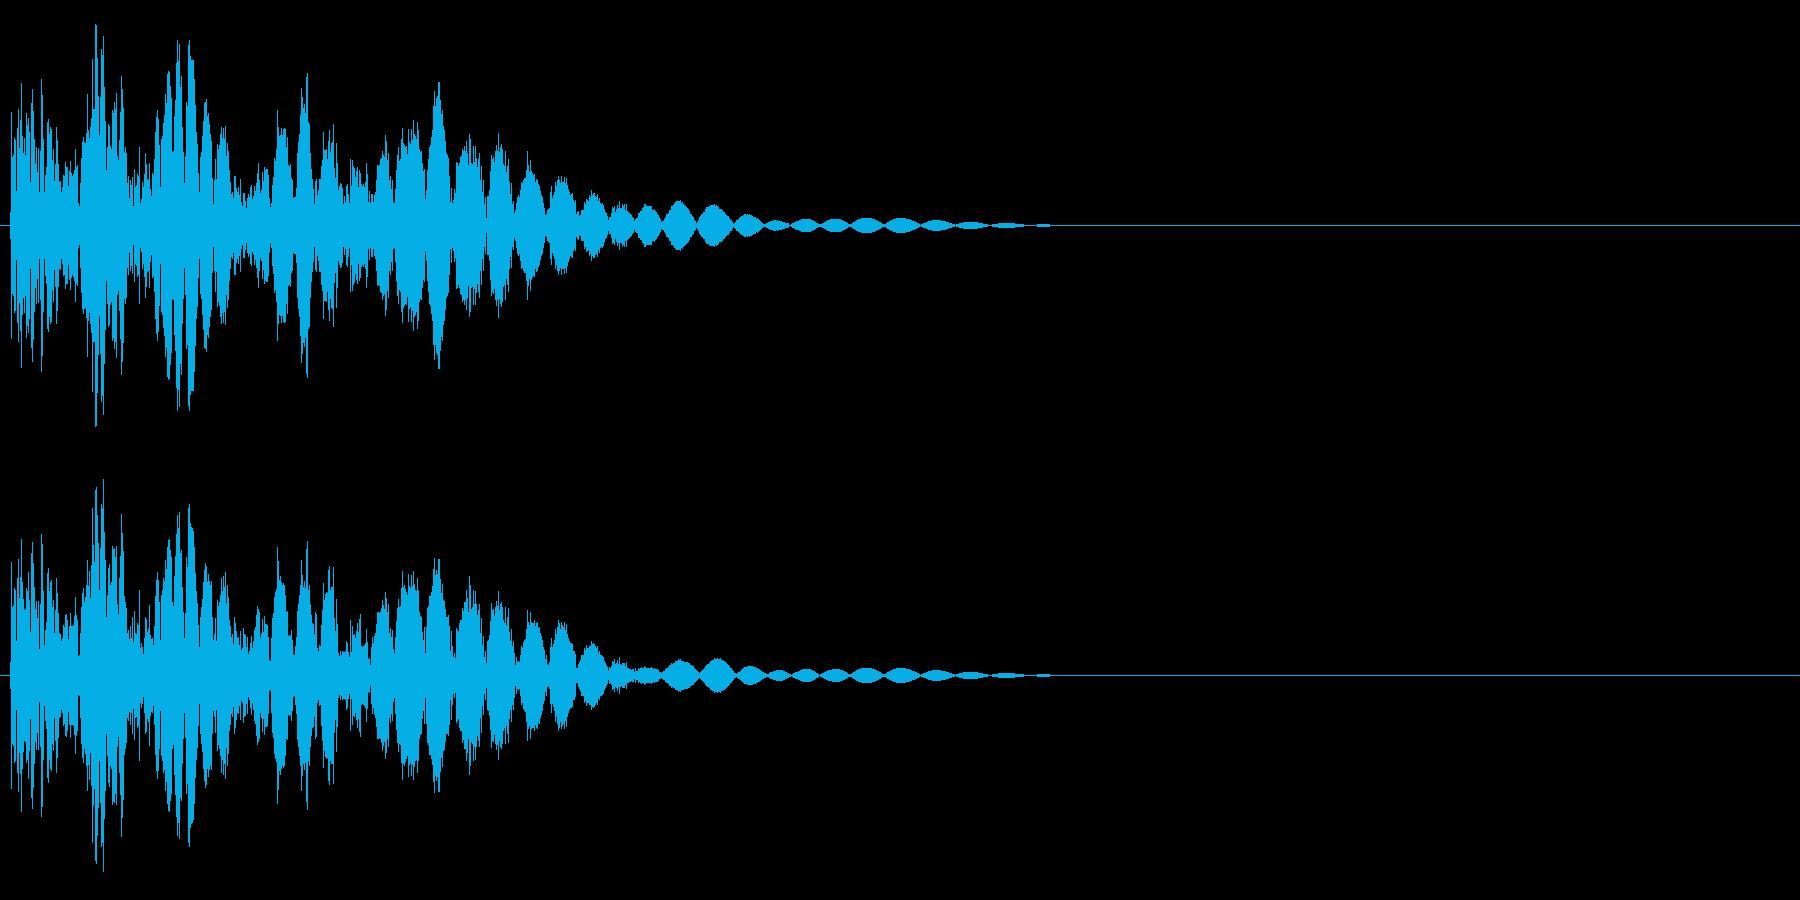 バシッ(キックする音、打撃音)の再生済みの波形